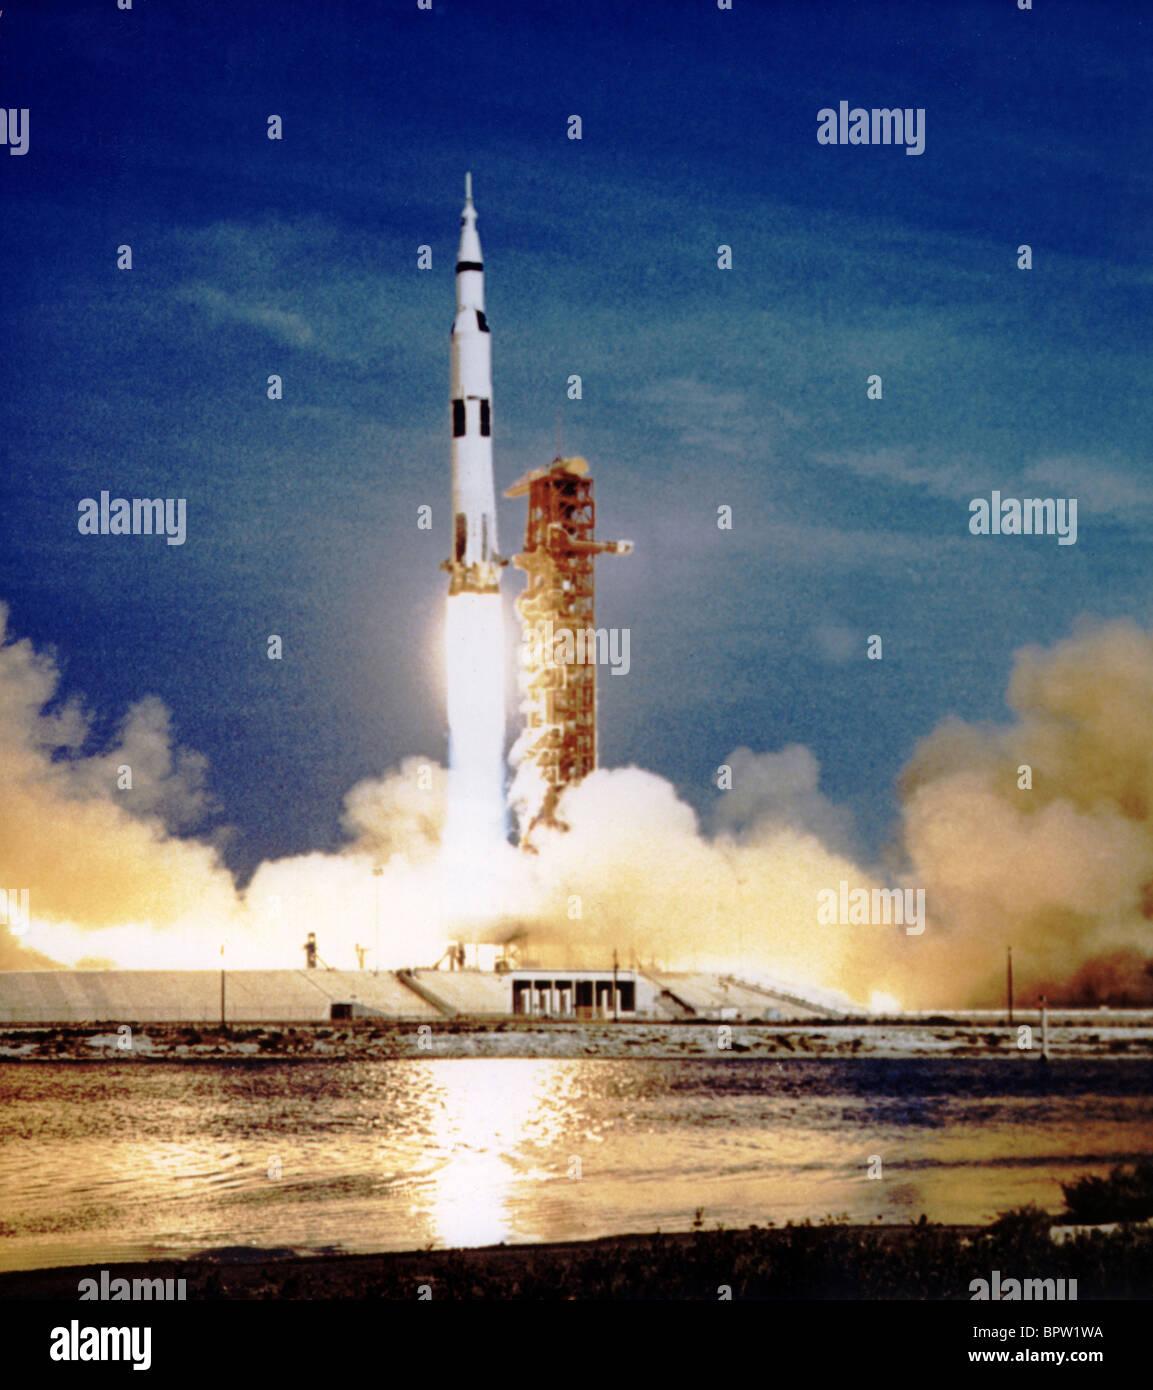 Lanzamiento del cohete Saturno Apolo 11 (1969) Foto de stock